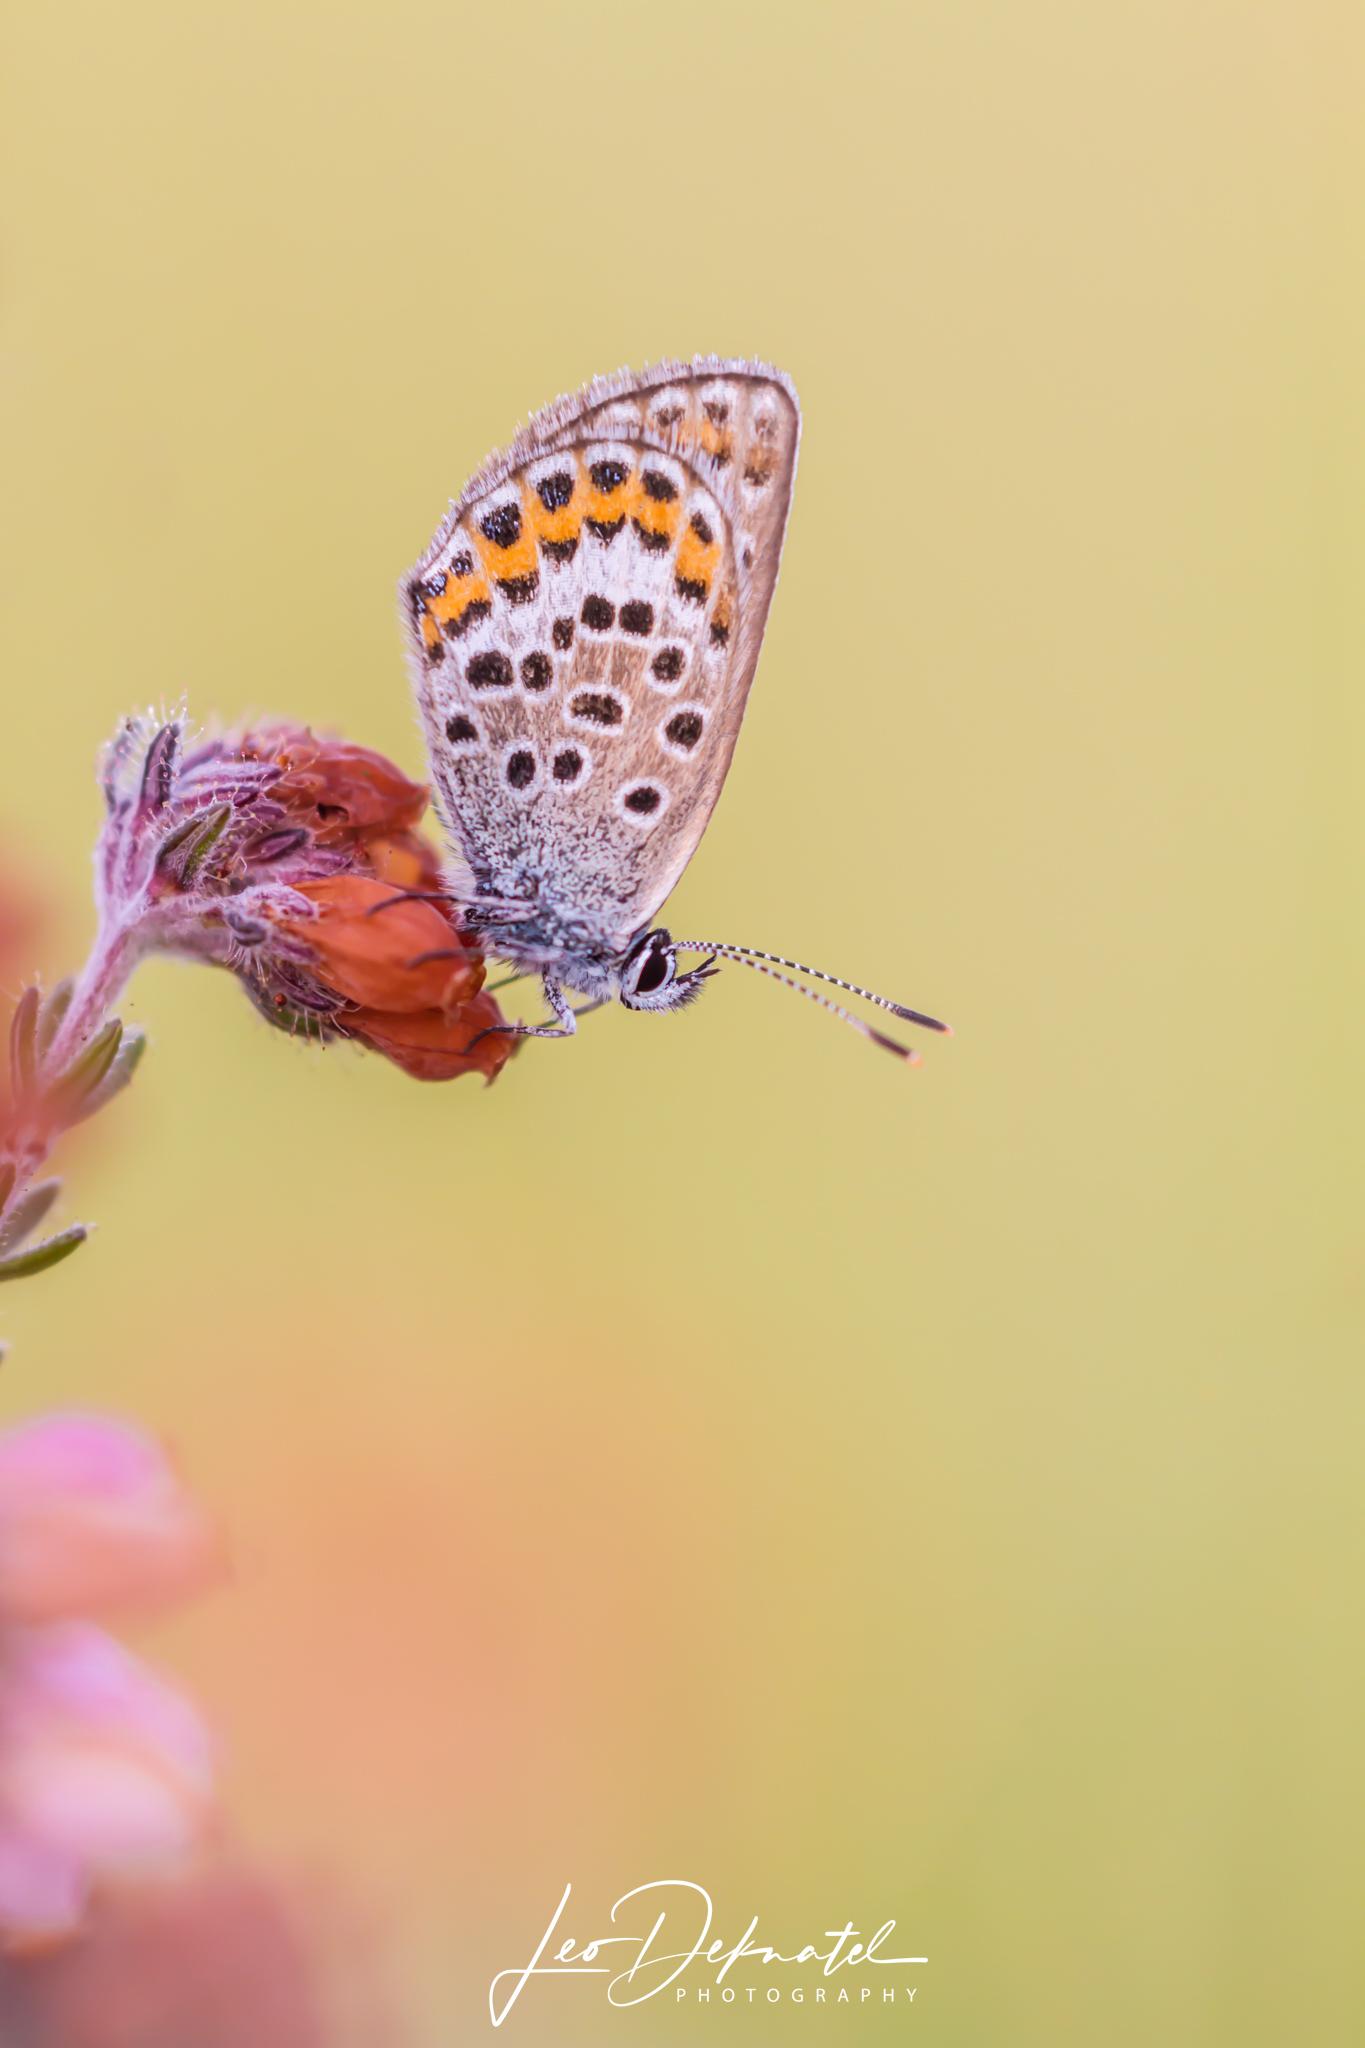 Heideblauwtje, Blauwtje, Vlinder, Vlinders, Macro, Macrofotografie, Natuur, Natuurfotografie, Fotografie